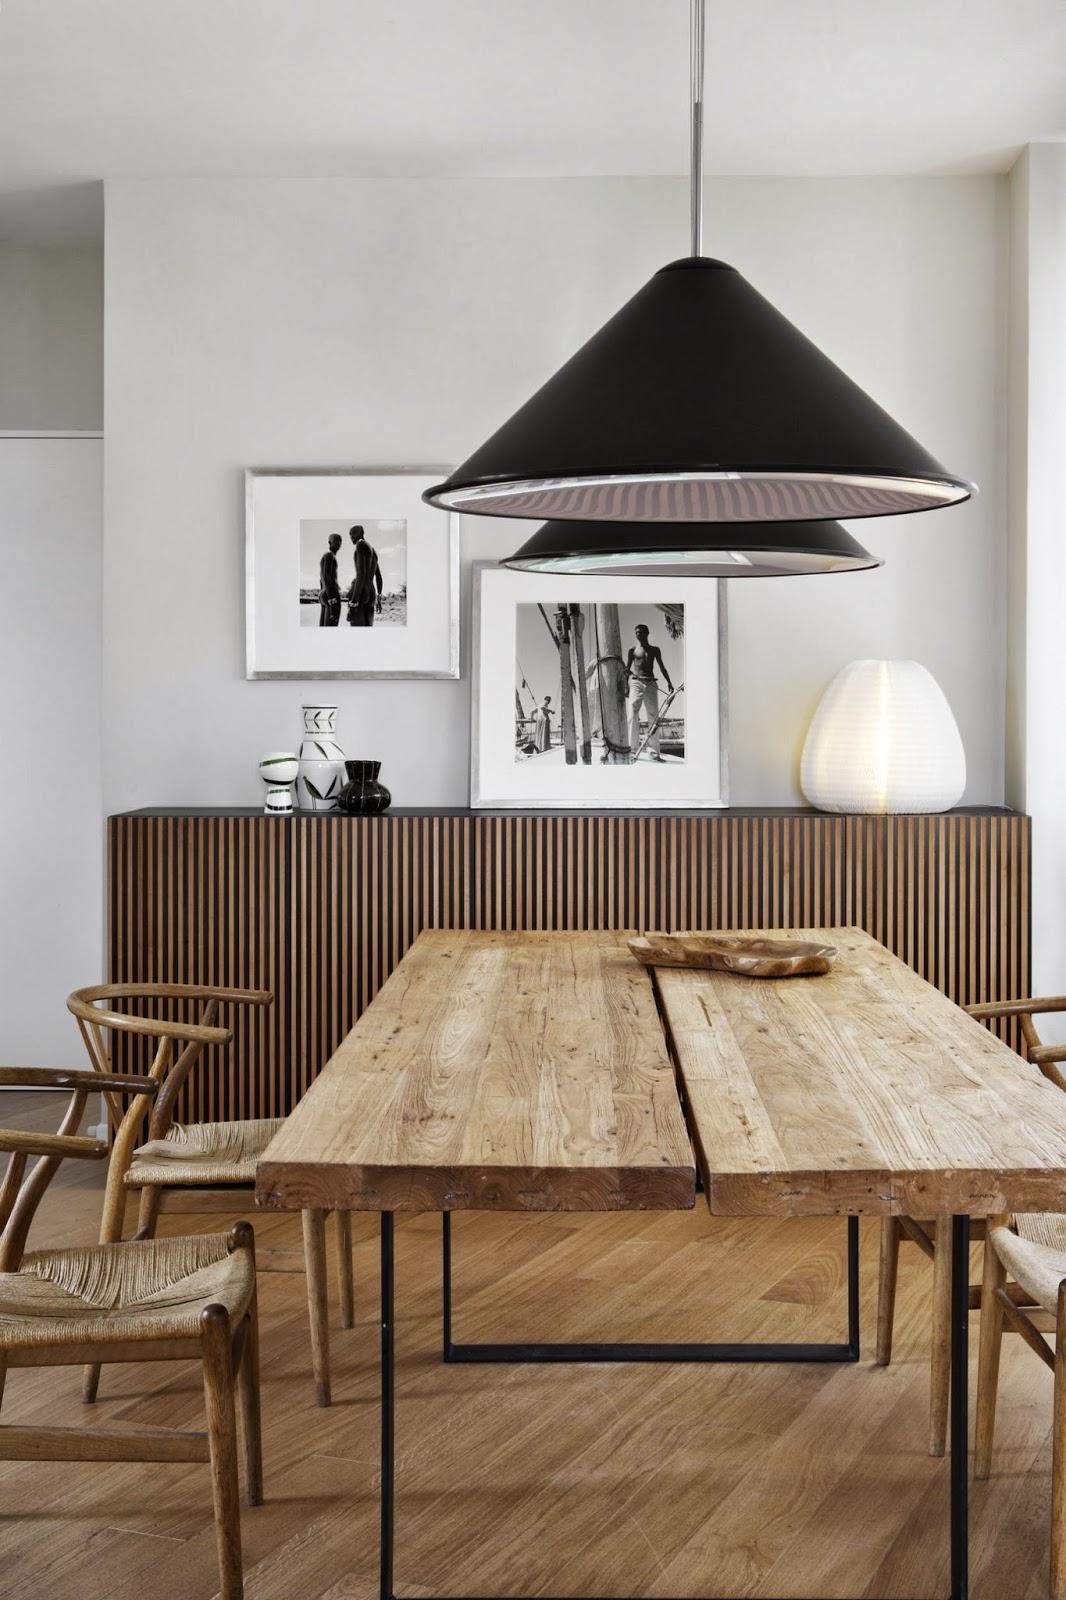 Super Awesome Tavoli In Legno Grezzo Pictures - Home Design Ideas 2017  BD14